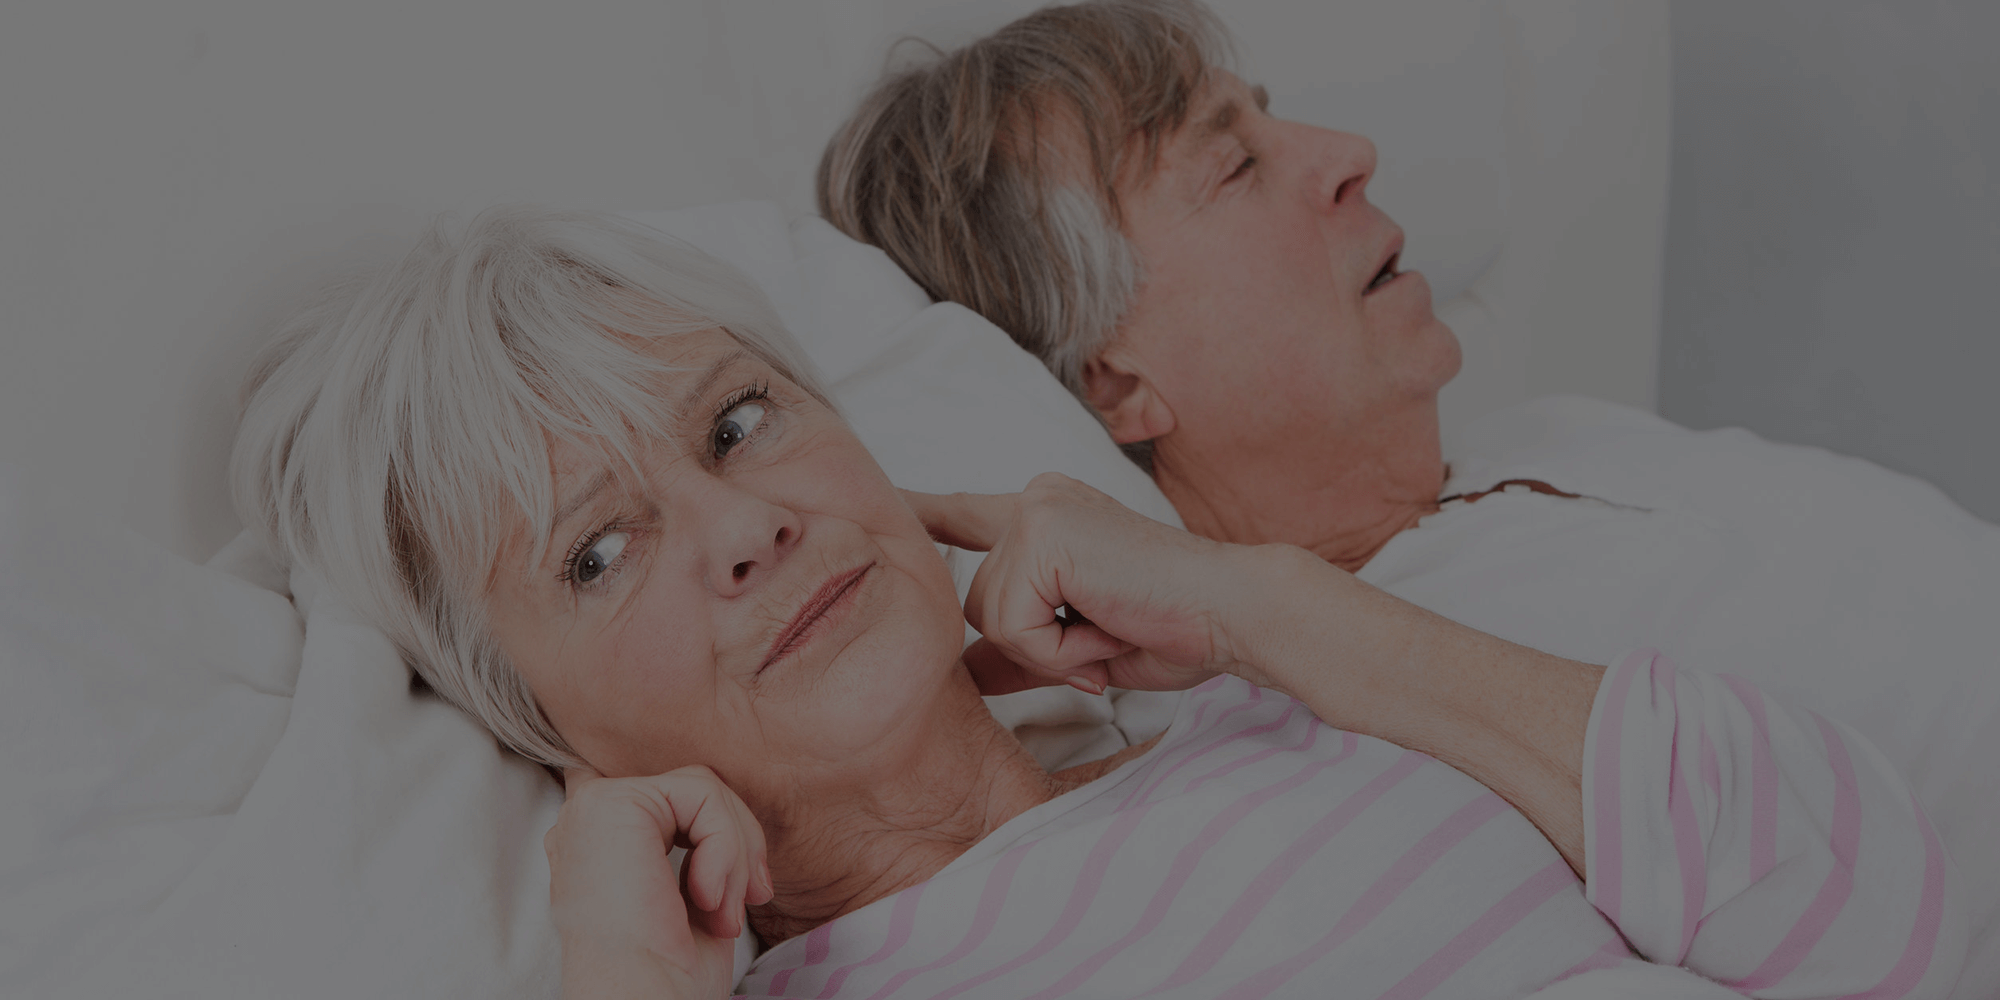 repropper mod snorken - Bedste ørepropper mod snorken